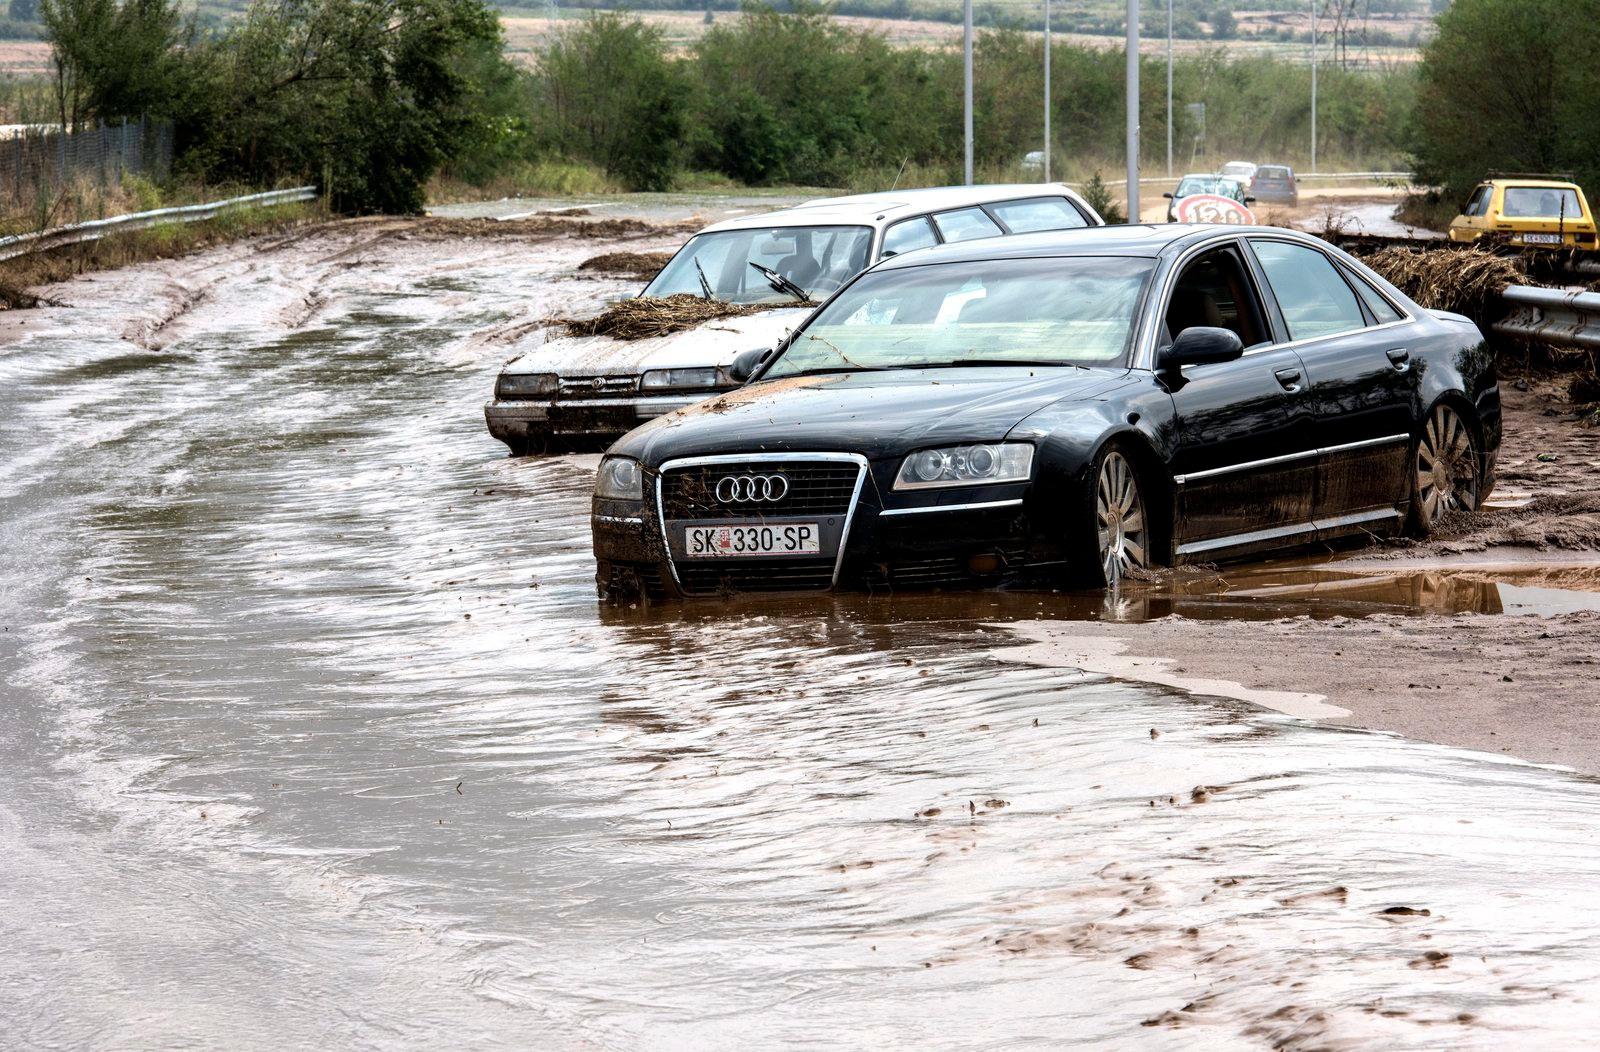 Wetter Skopje